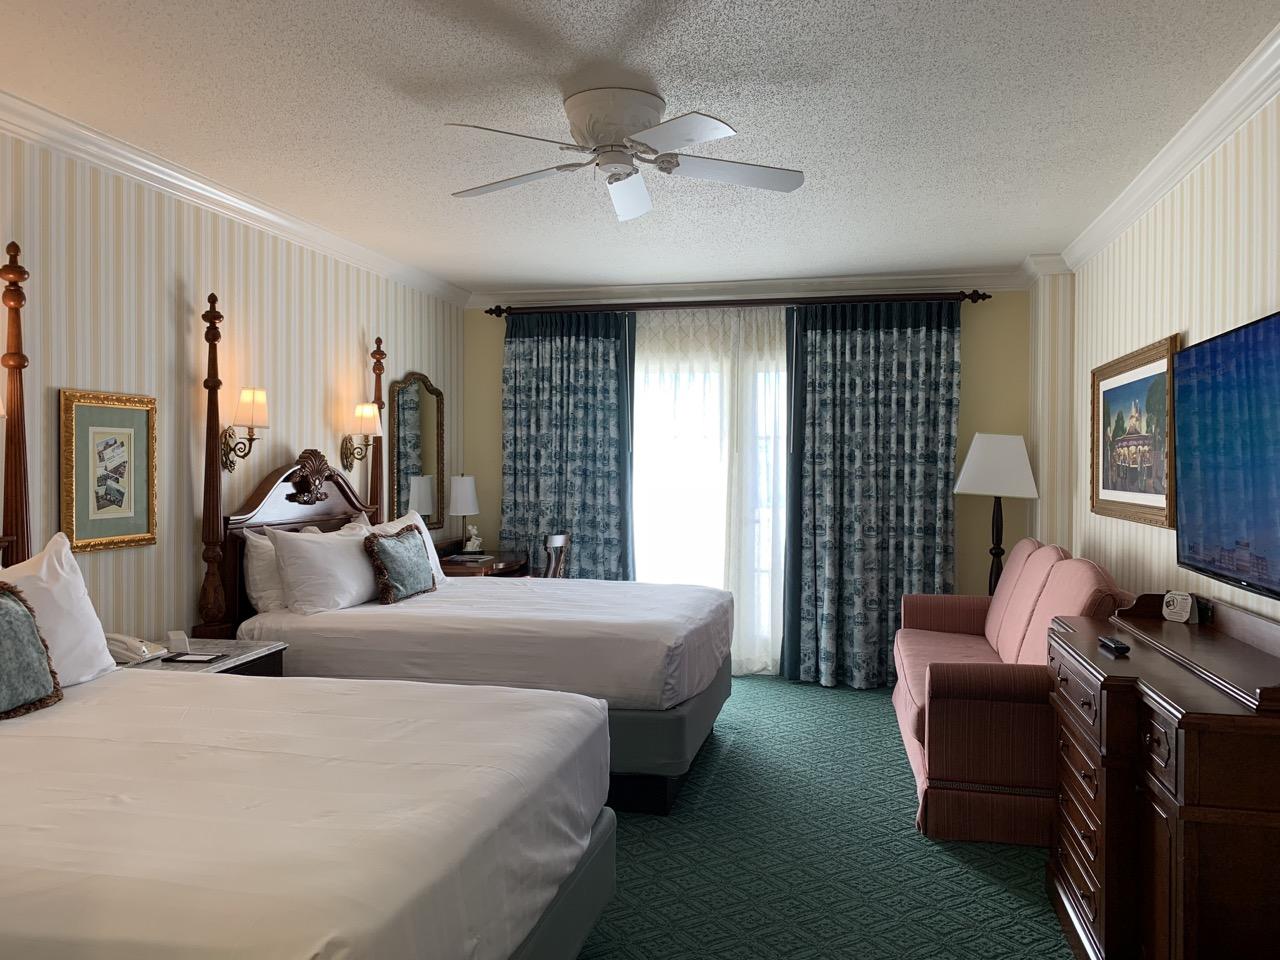 disney world best deluxe resort hotel ranking 11 boardwalk room.jpeg